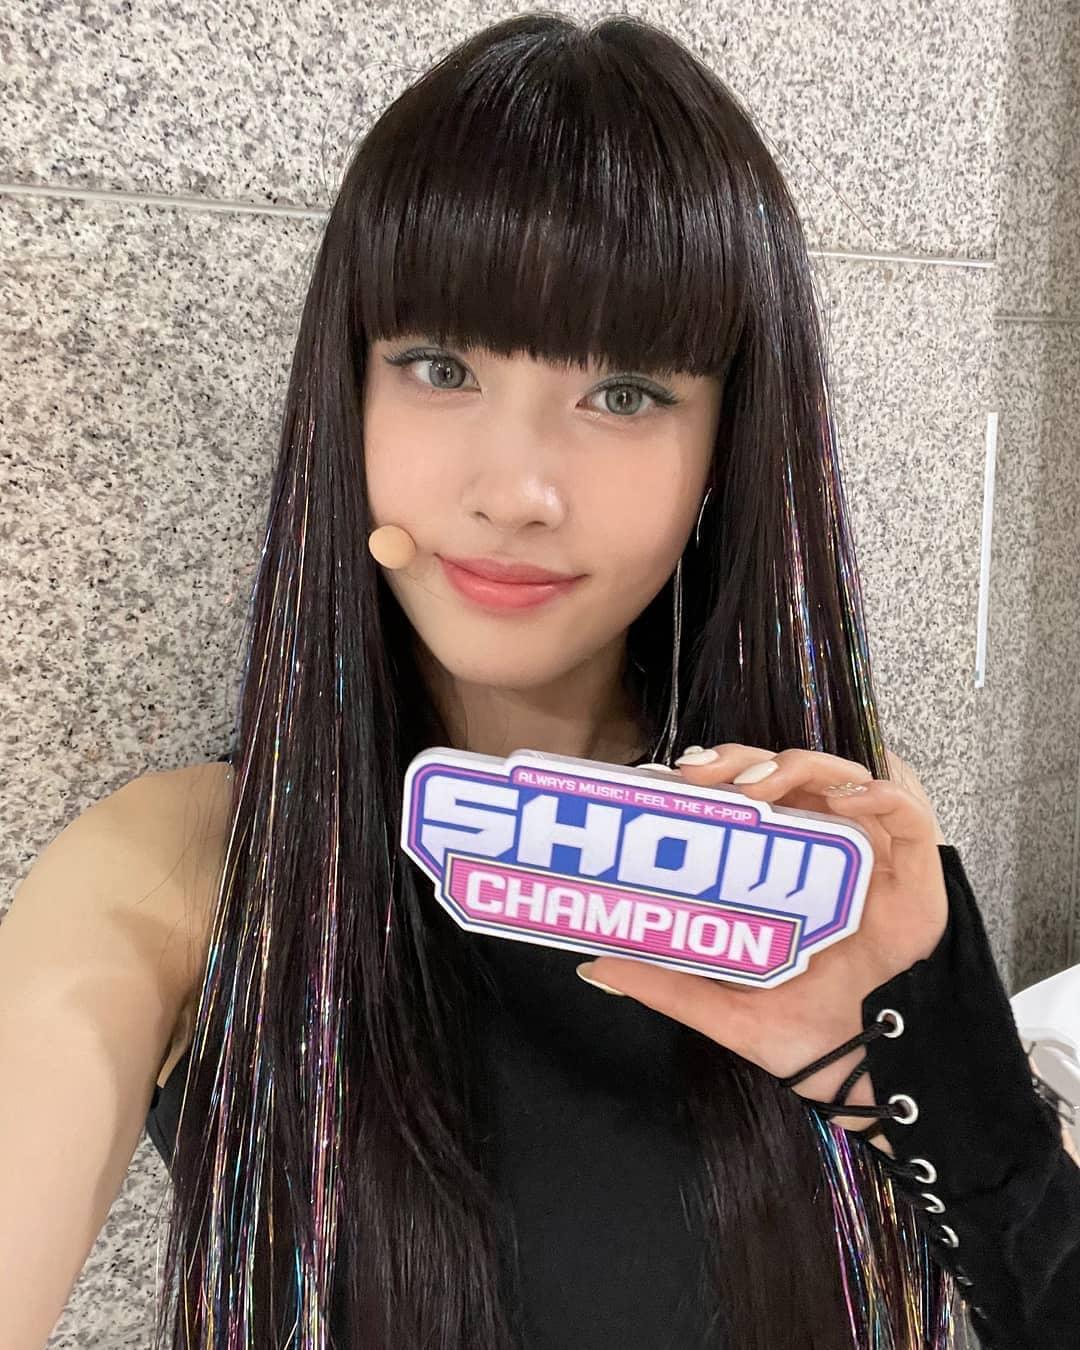 Yoon còn từng gắn cả sợi highlight nhũ kim tuyến lên tóc để tạo nét.